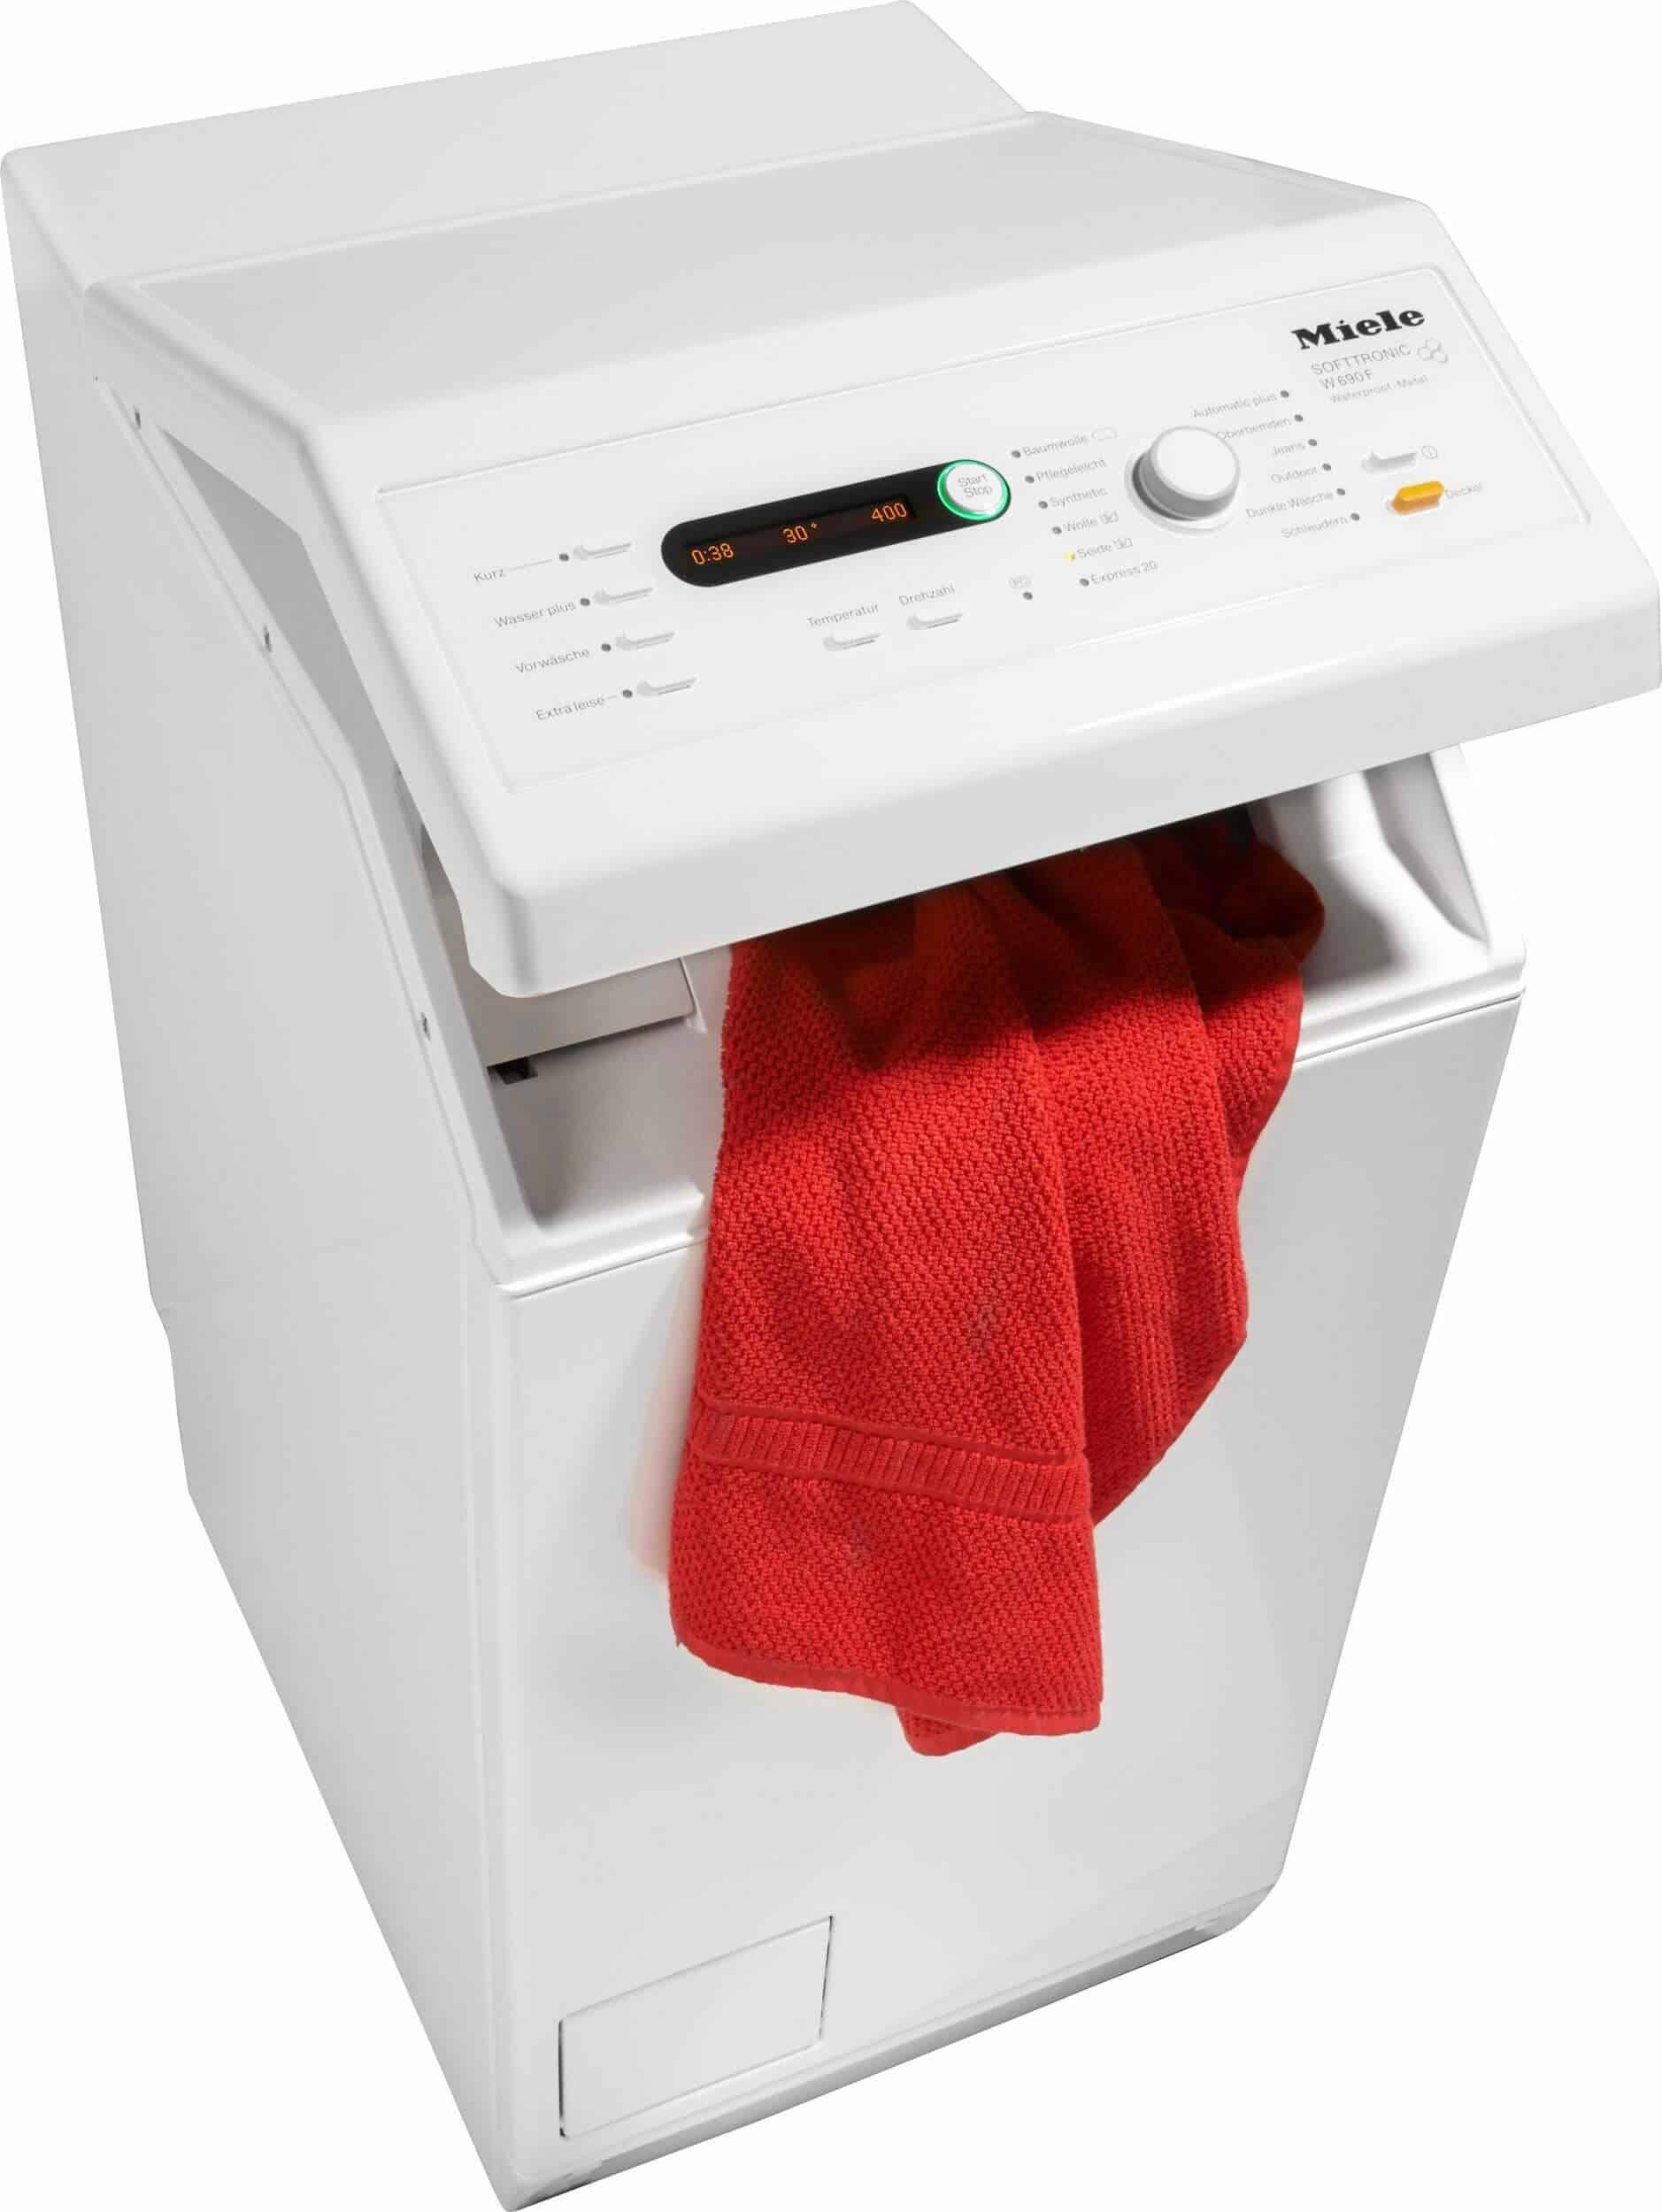 Miele w 690 f wpm Waschmaschine im Test 2018